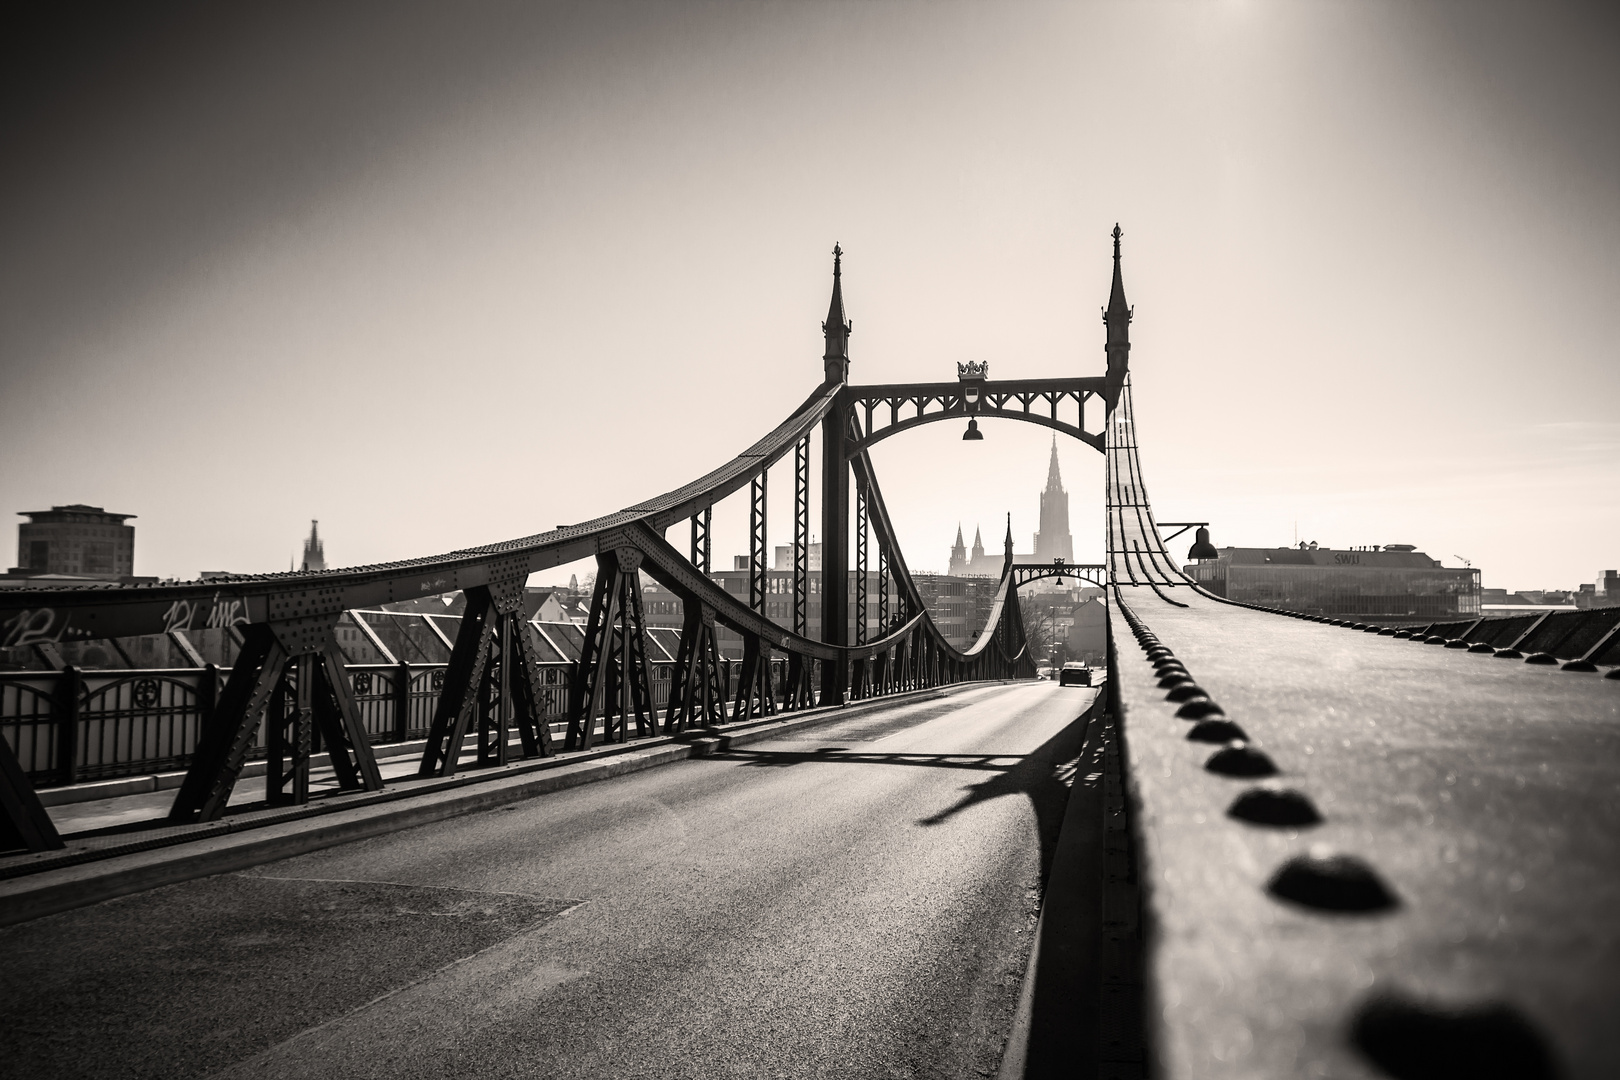 Ulmer Brücke